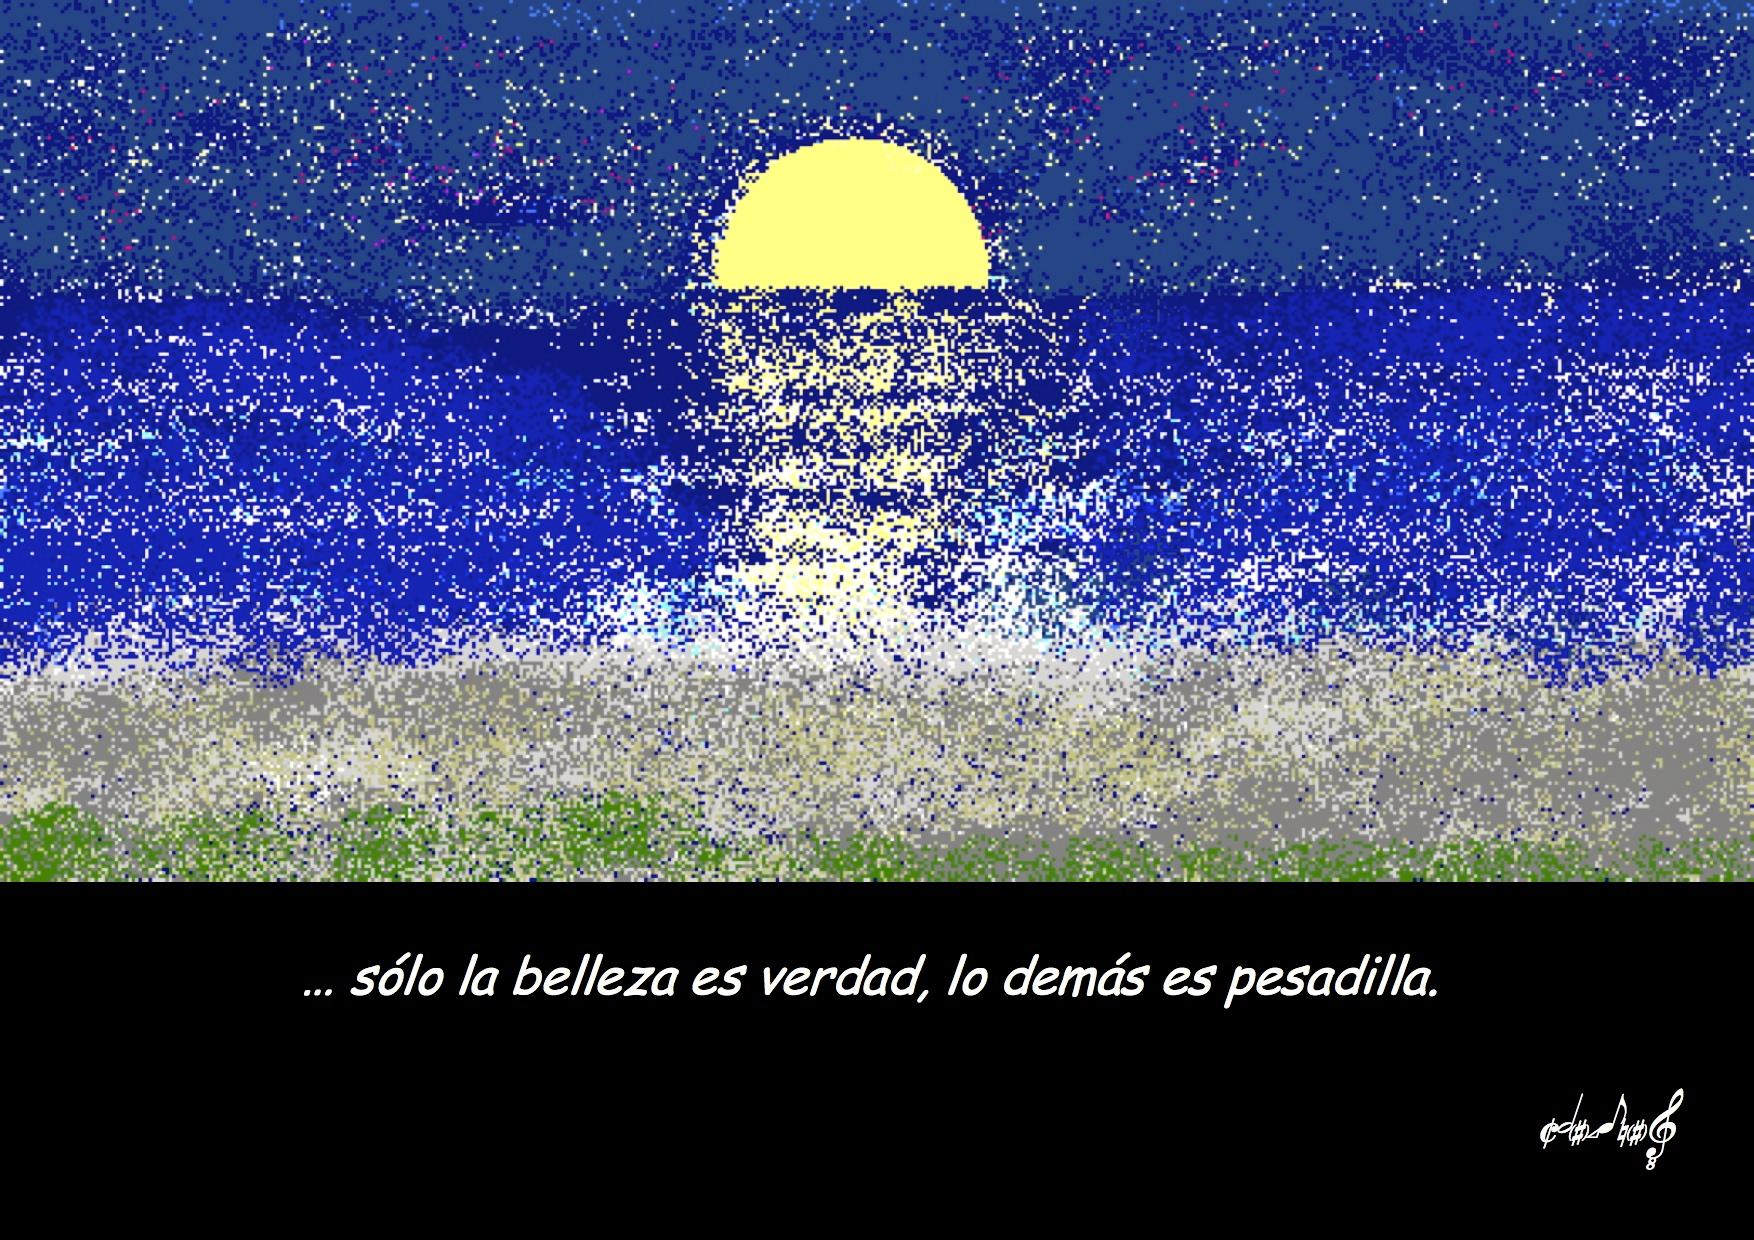 POEMAS_PINTURAS solo la belleza_de_Chalena